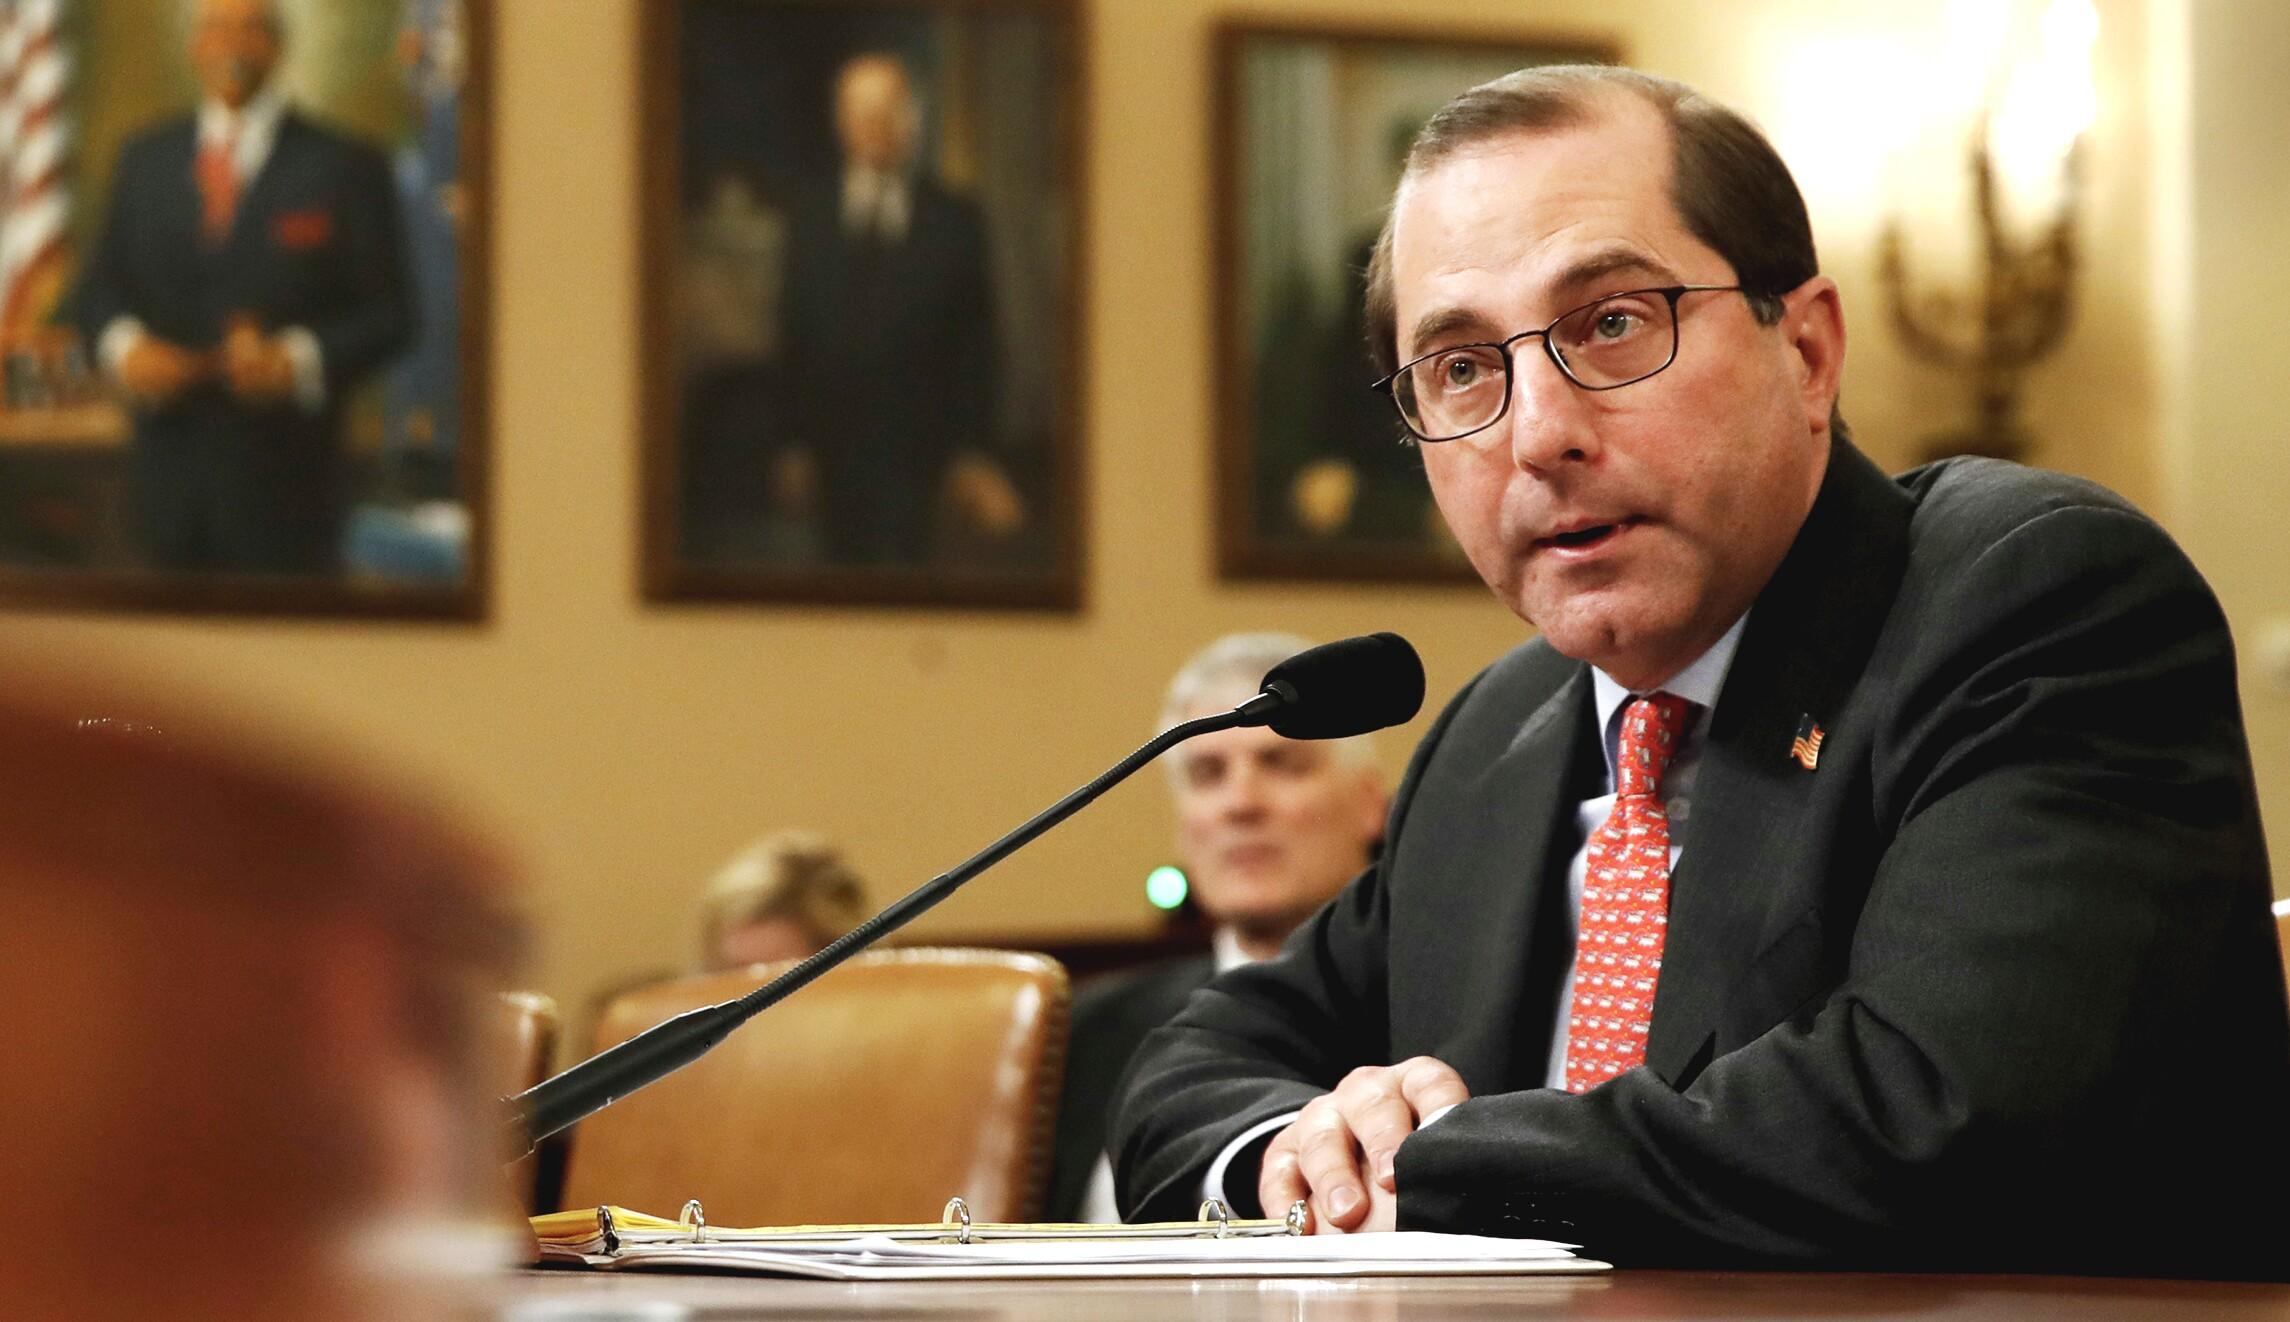 卫生与公共服务部部长亚历克斯阿扎尔在华盛顿国会山的众议院筹款委员会发言。